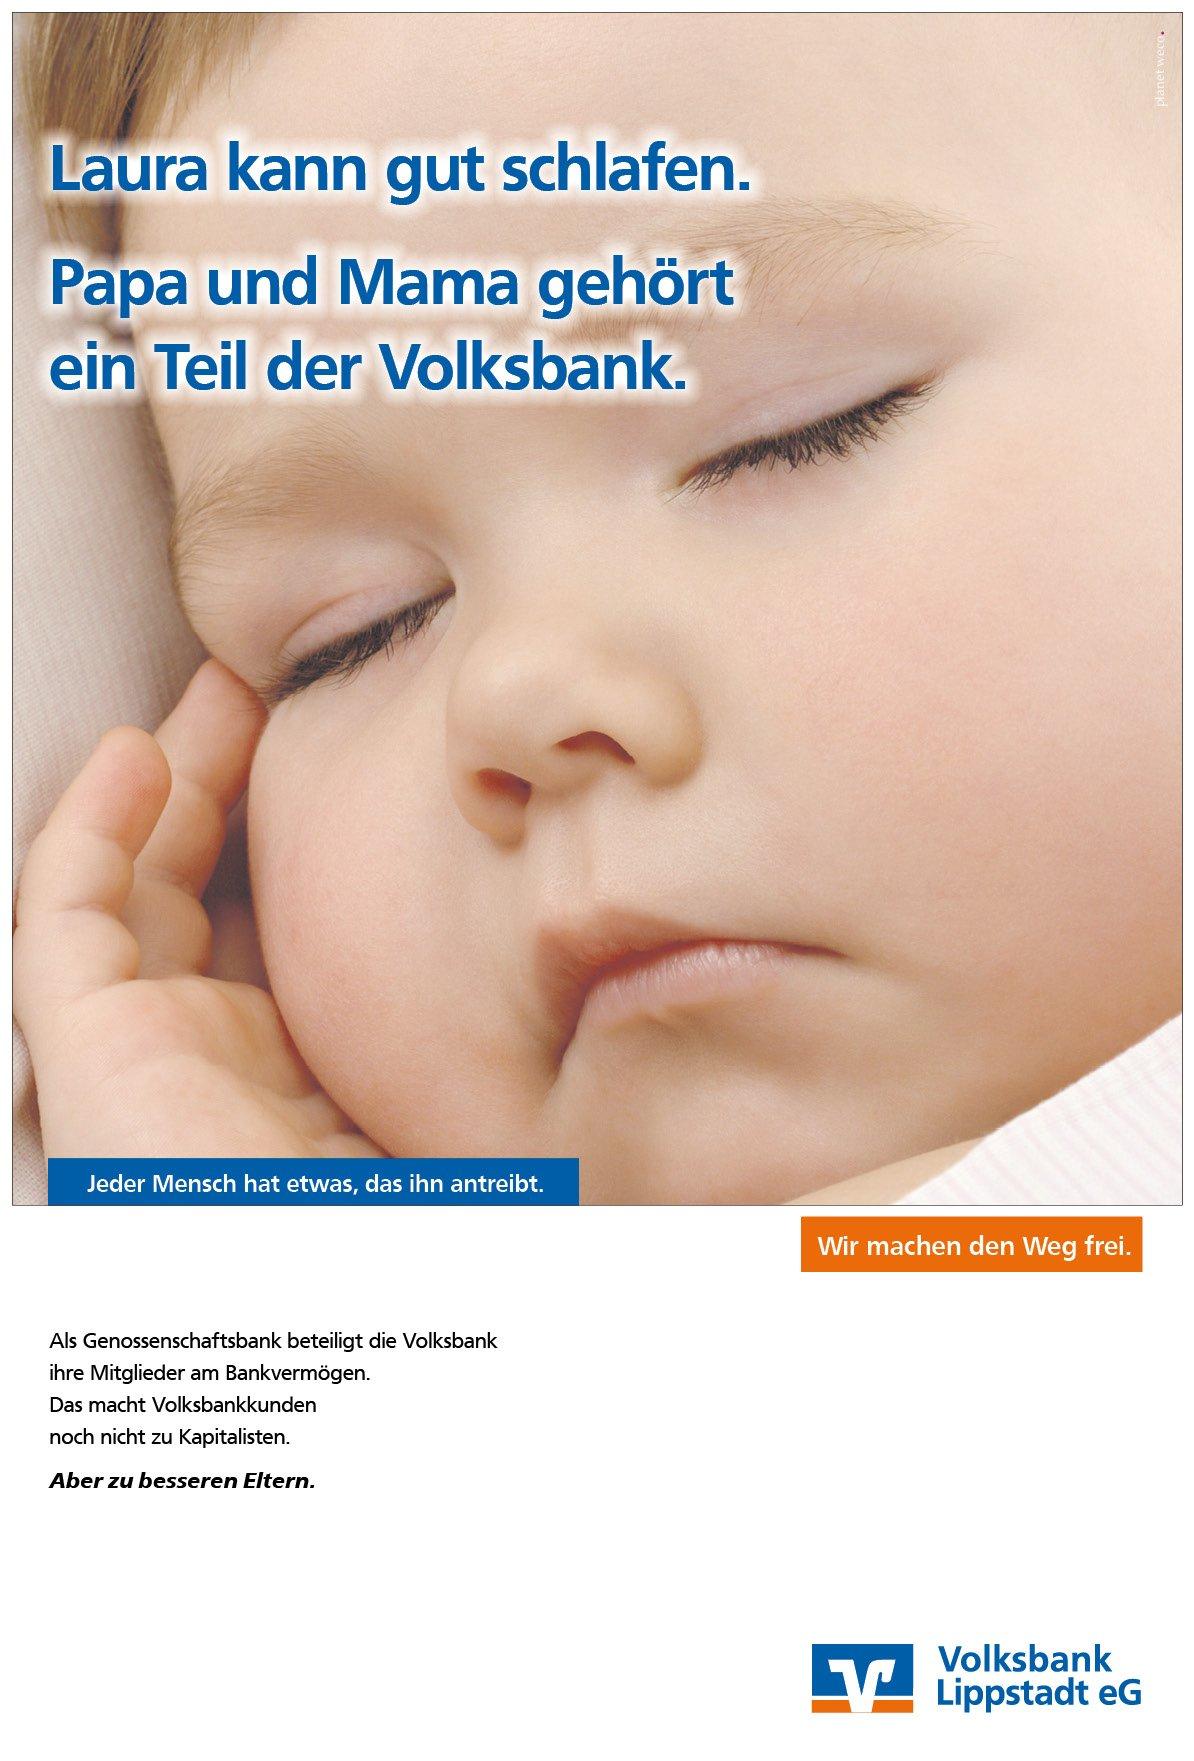 Kampagnen-Motiv 2 der Bielefelder Werbeagentur